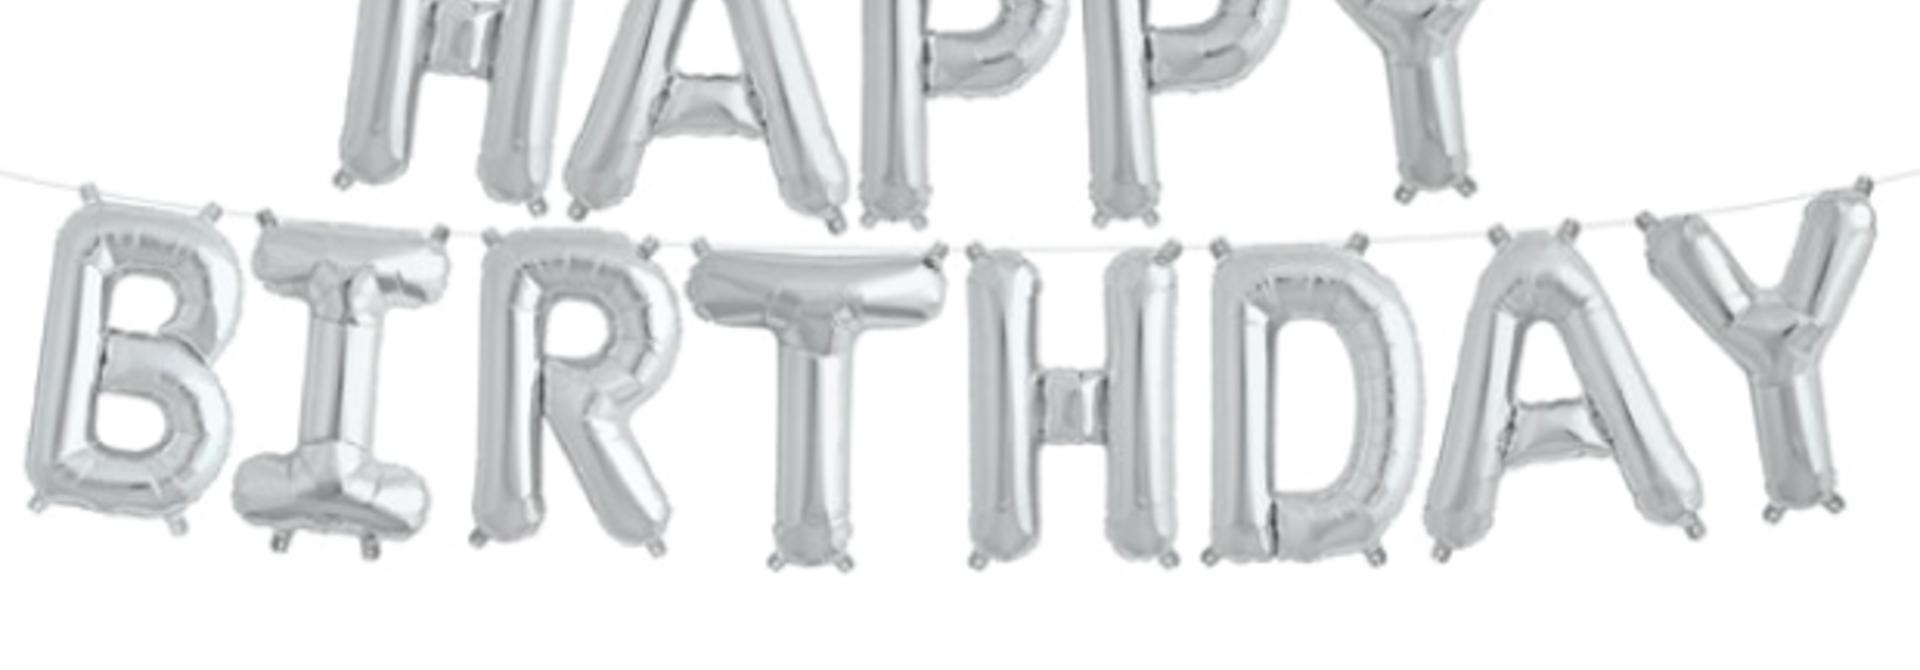 Happy Birthday kit zilver xxl